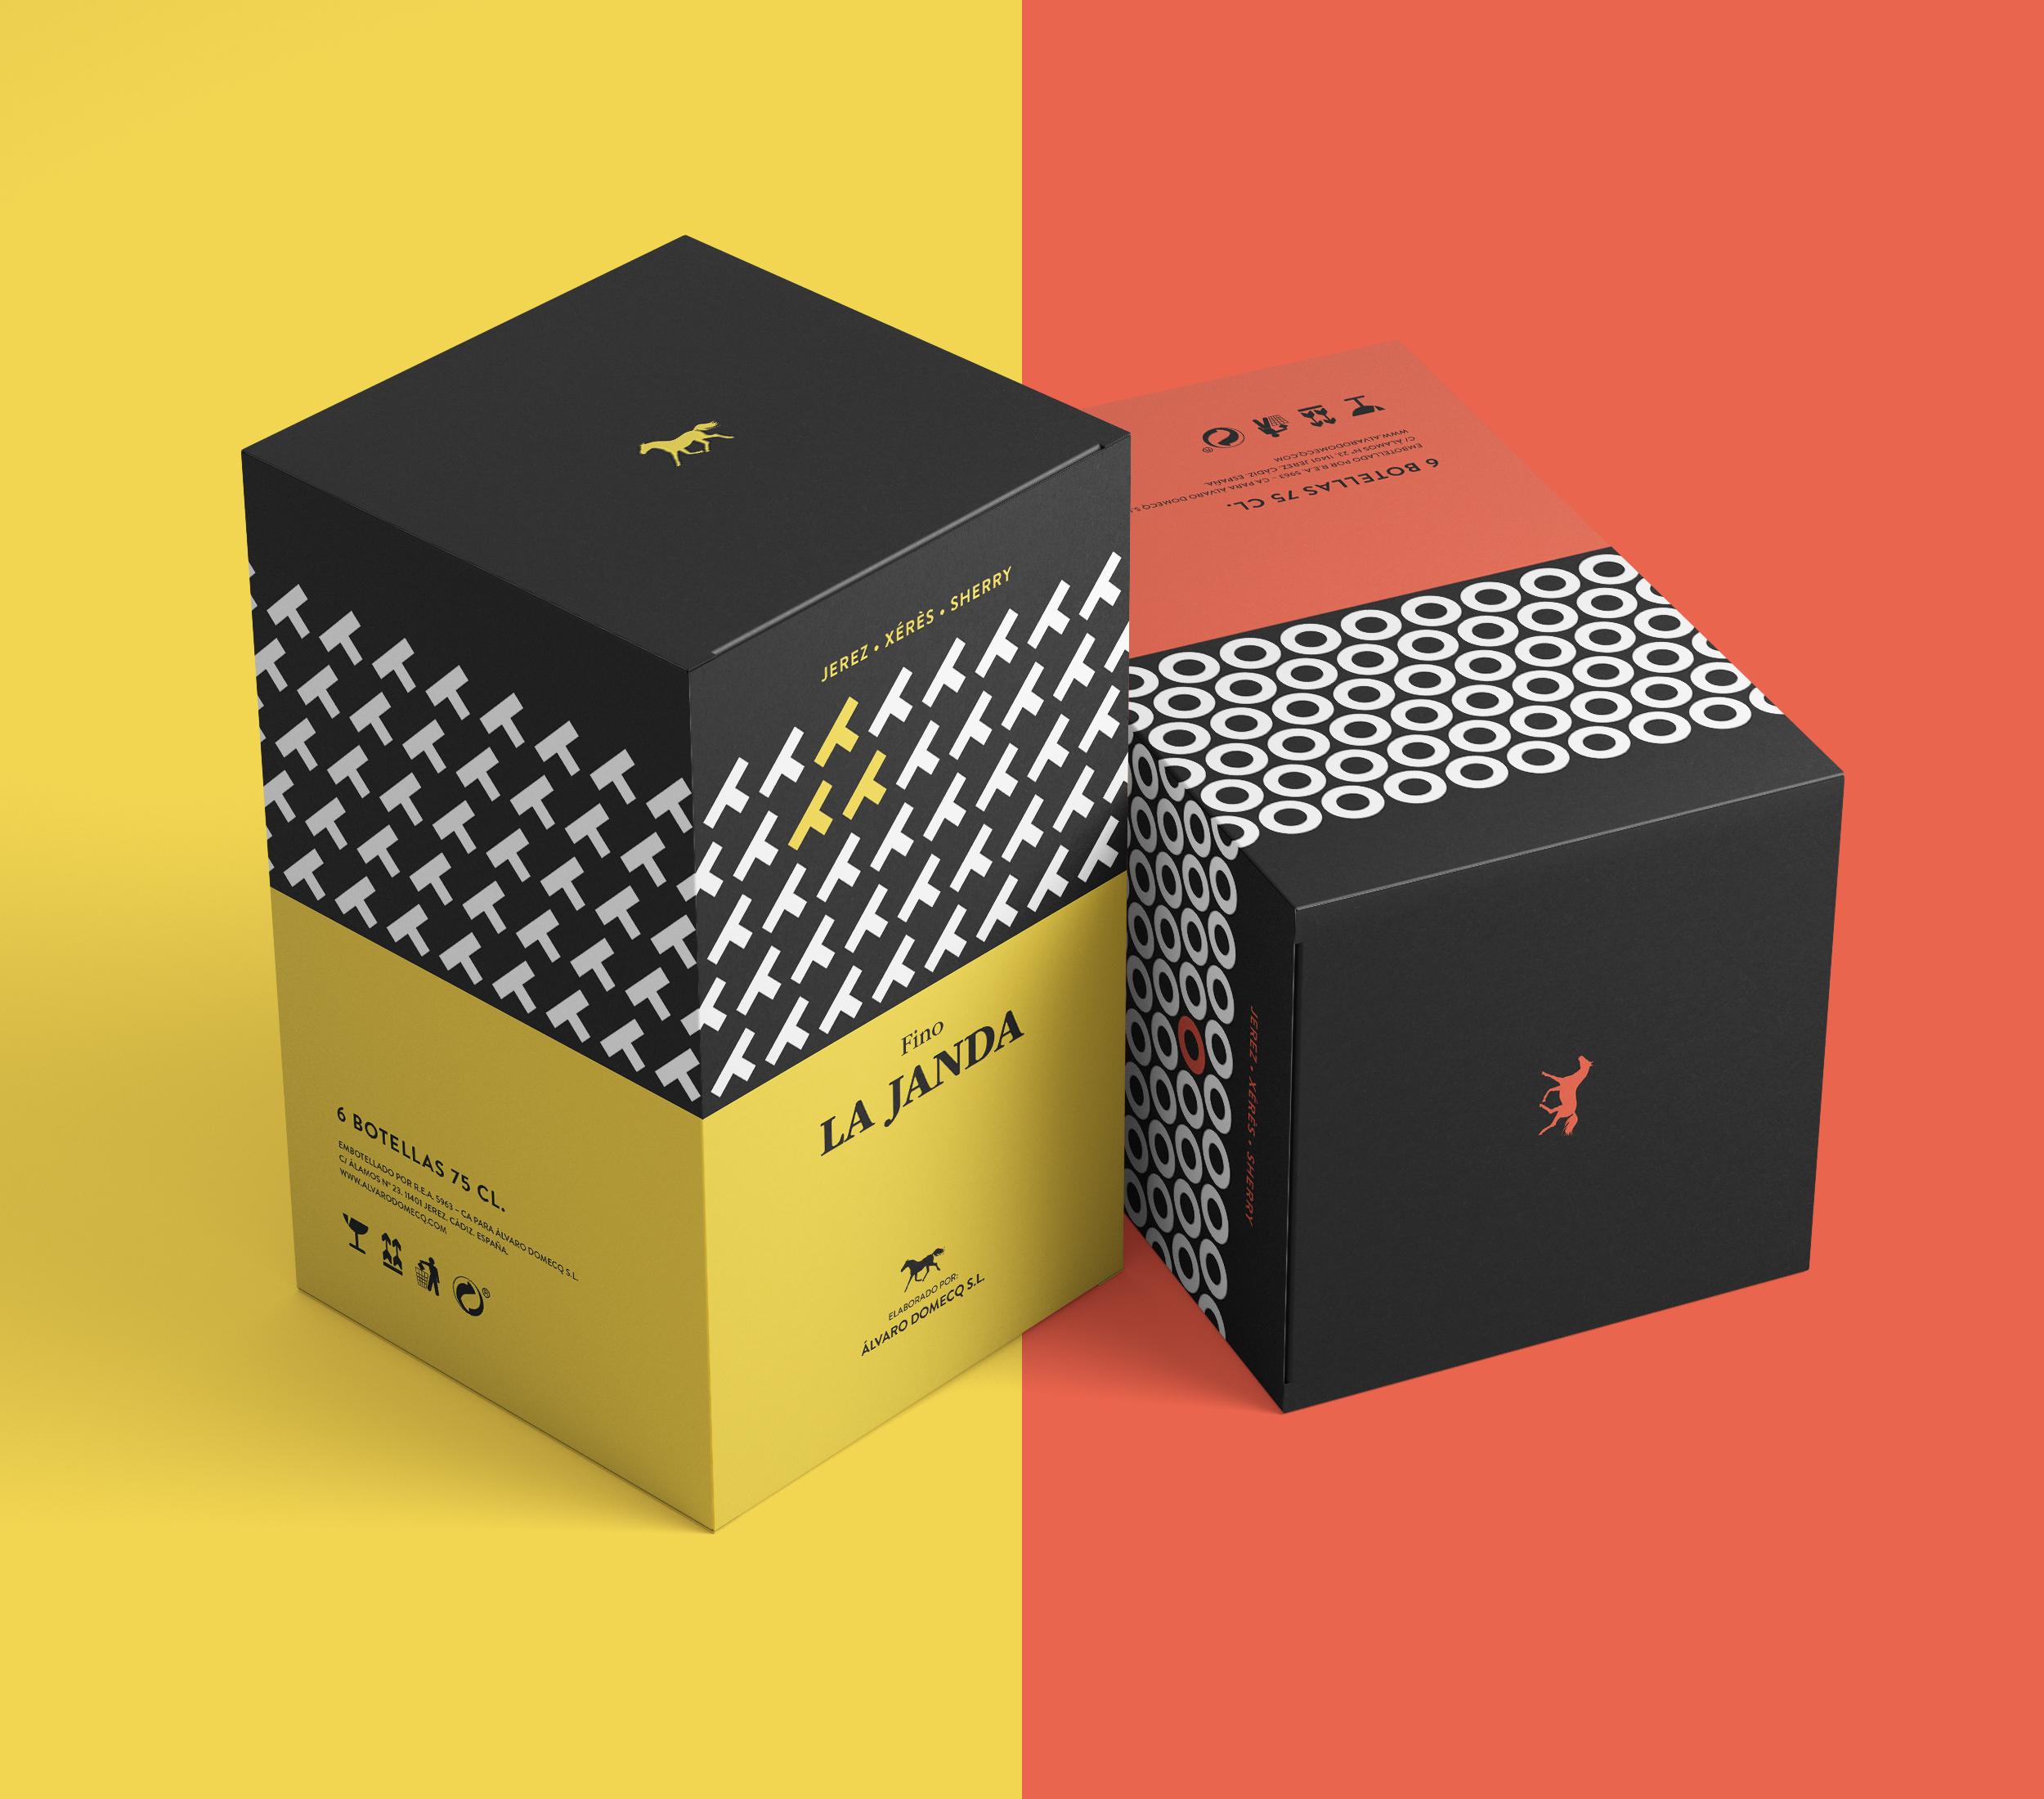 AVANTE_jerez_cajas_par_1